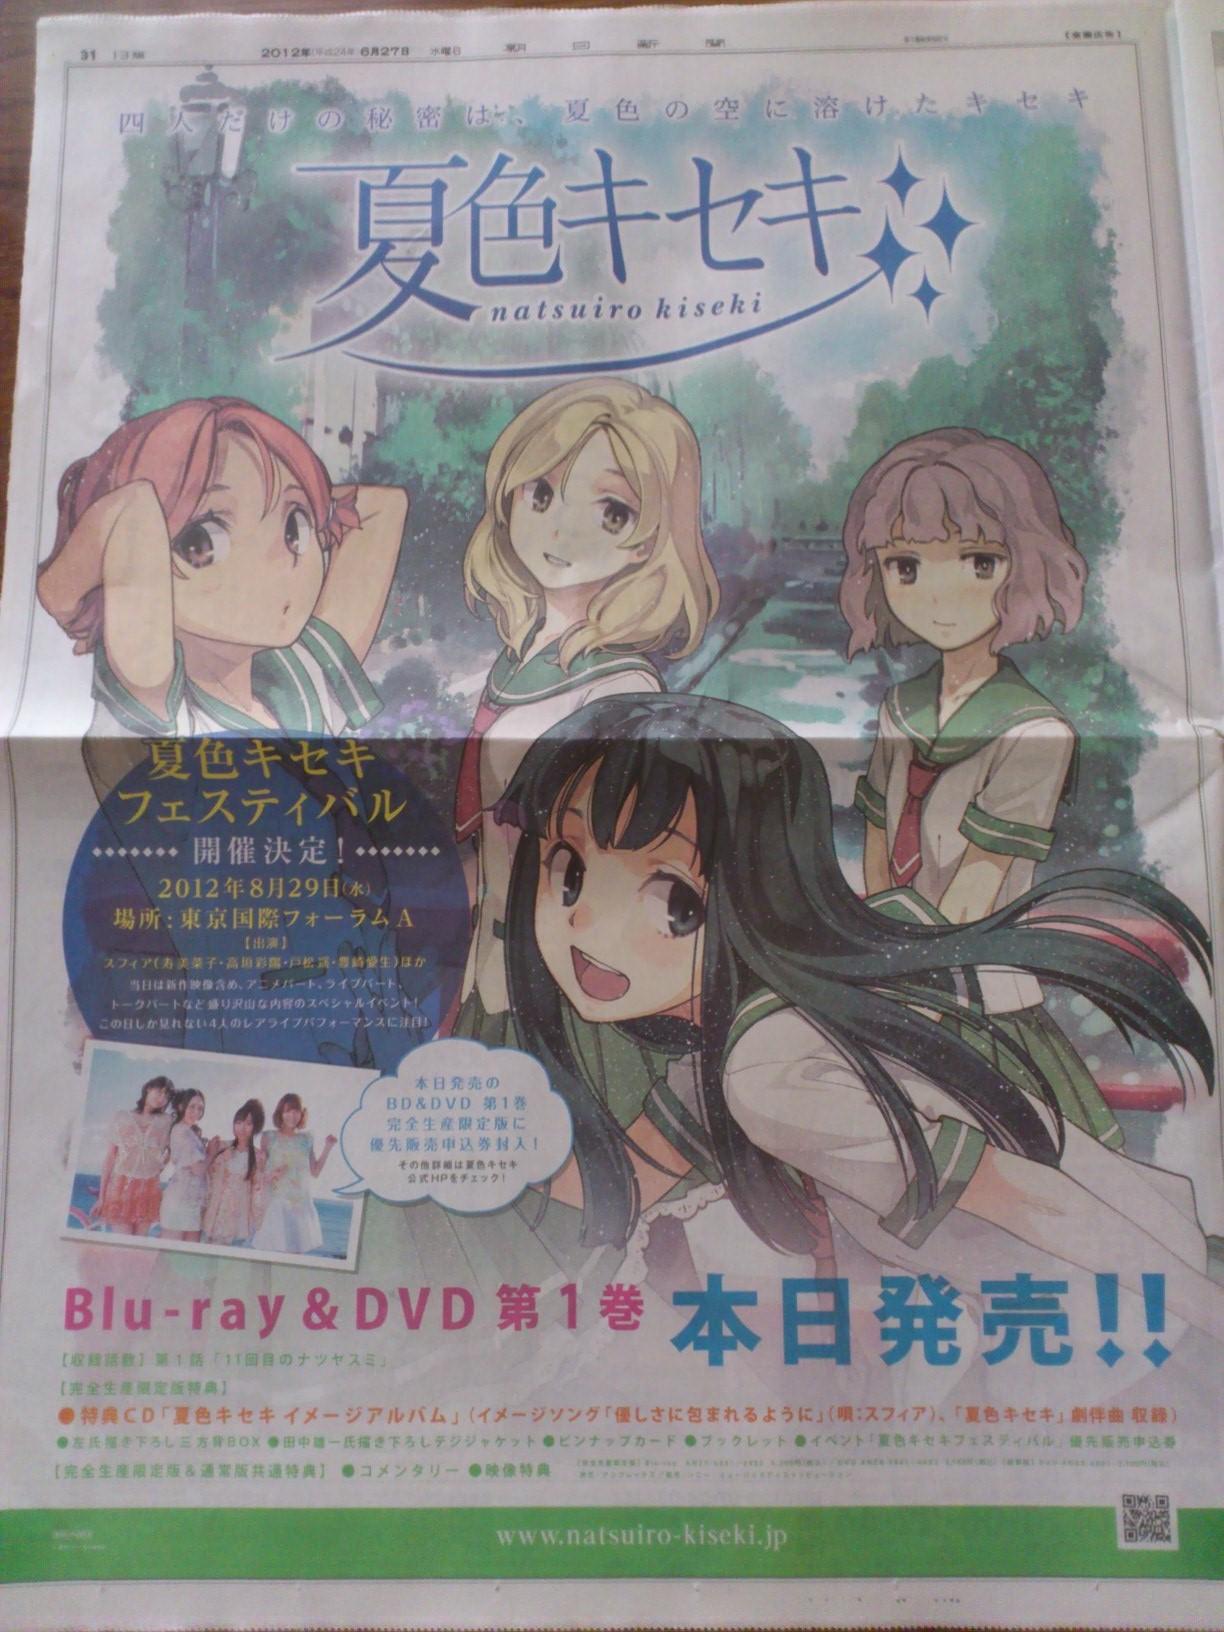 夏色キセキ新聞広告